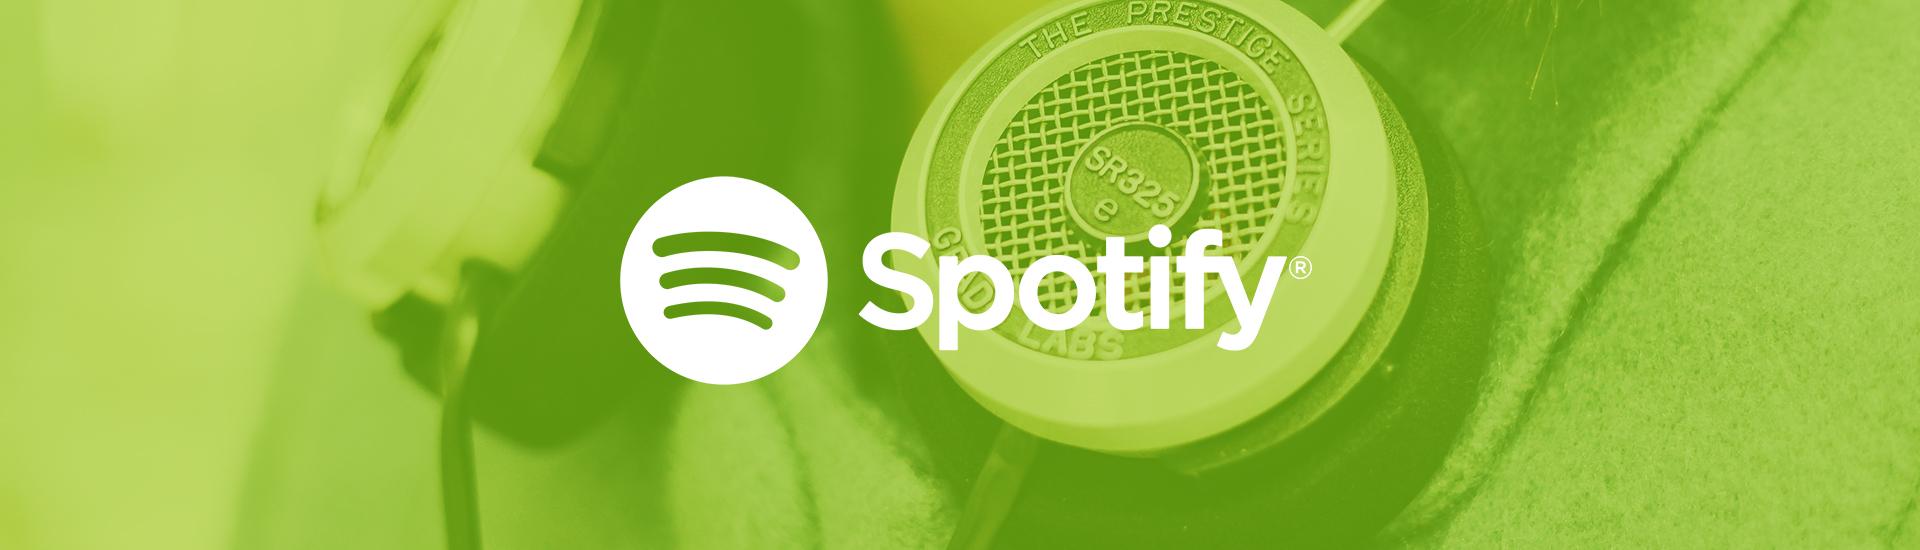 Du har väl inte glömt Södertäljefestivalens Spotifylista?